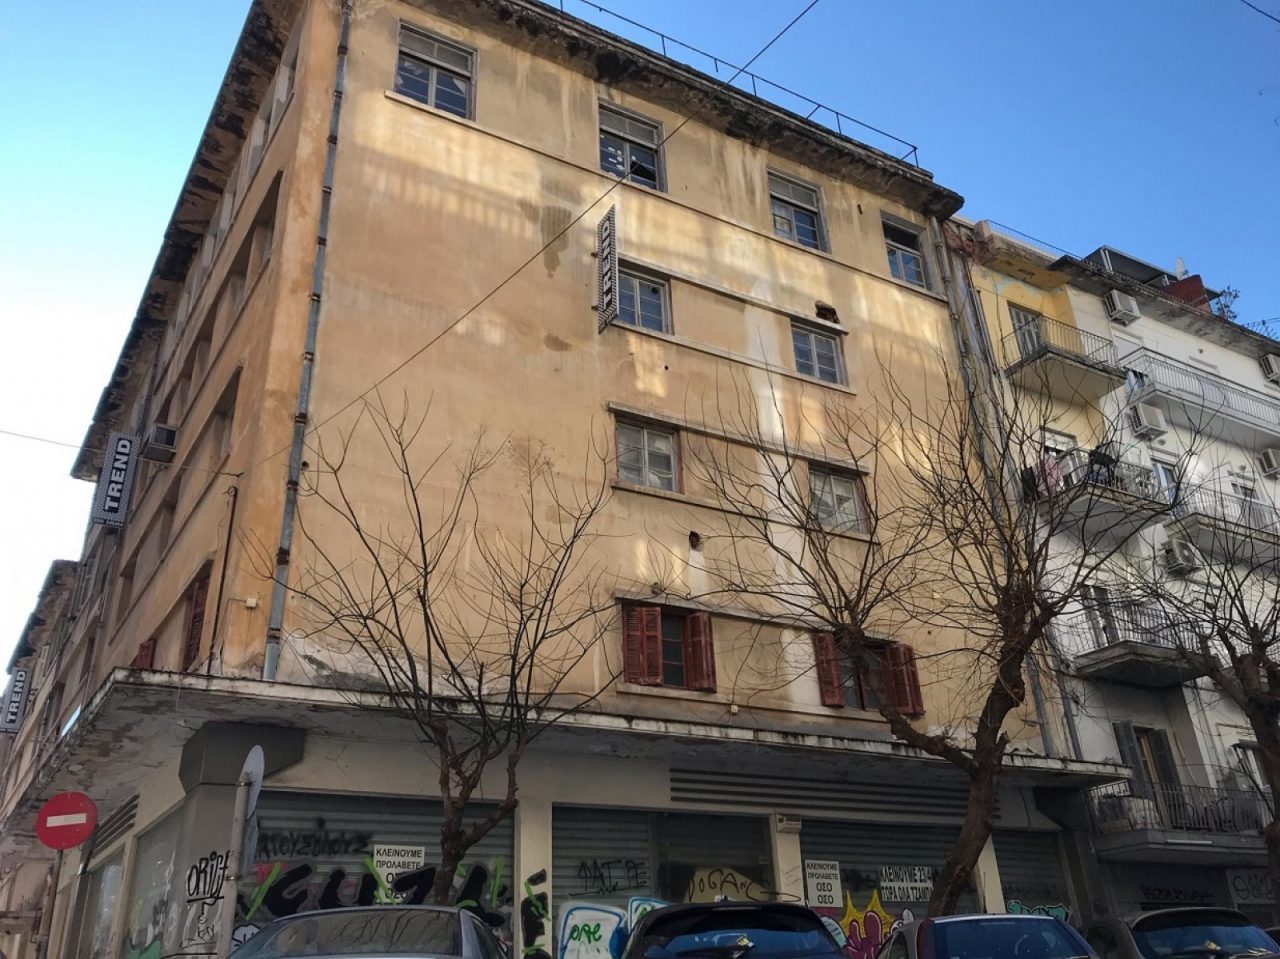 Εταιρεία επενδύσεων ακινήτων προχωρά στην απόκτηση του παλιού καπνομάγαζου Σωσσίδη, για φοιτητικές κατοικίες